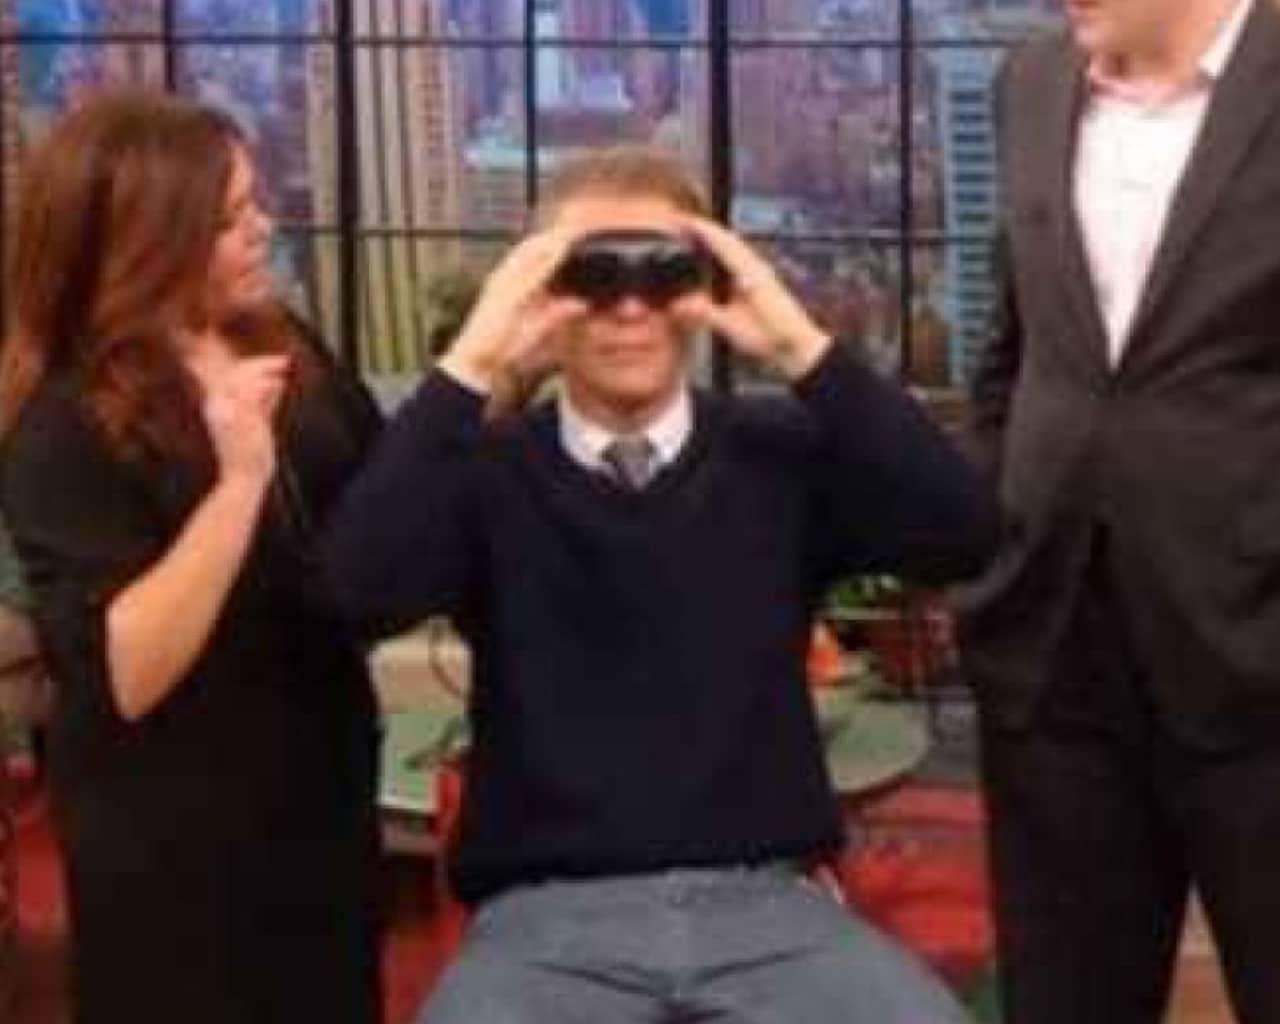 τυφλος ανδρας,τυφλος ,τυφλοσ τενοροσ,τυφλος εθνικισμος,τυφλος masterchef,τυφλος ονειροκριτης,τυφλος αγγλικα,τυφλος συνωνυμο,τυφλος τραγουδιστης,τυφλοσ τα τ ώτα τον τε νουν